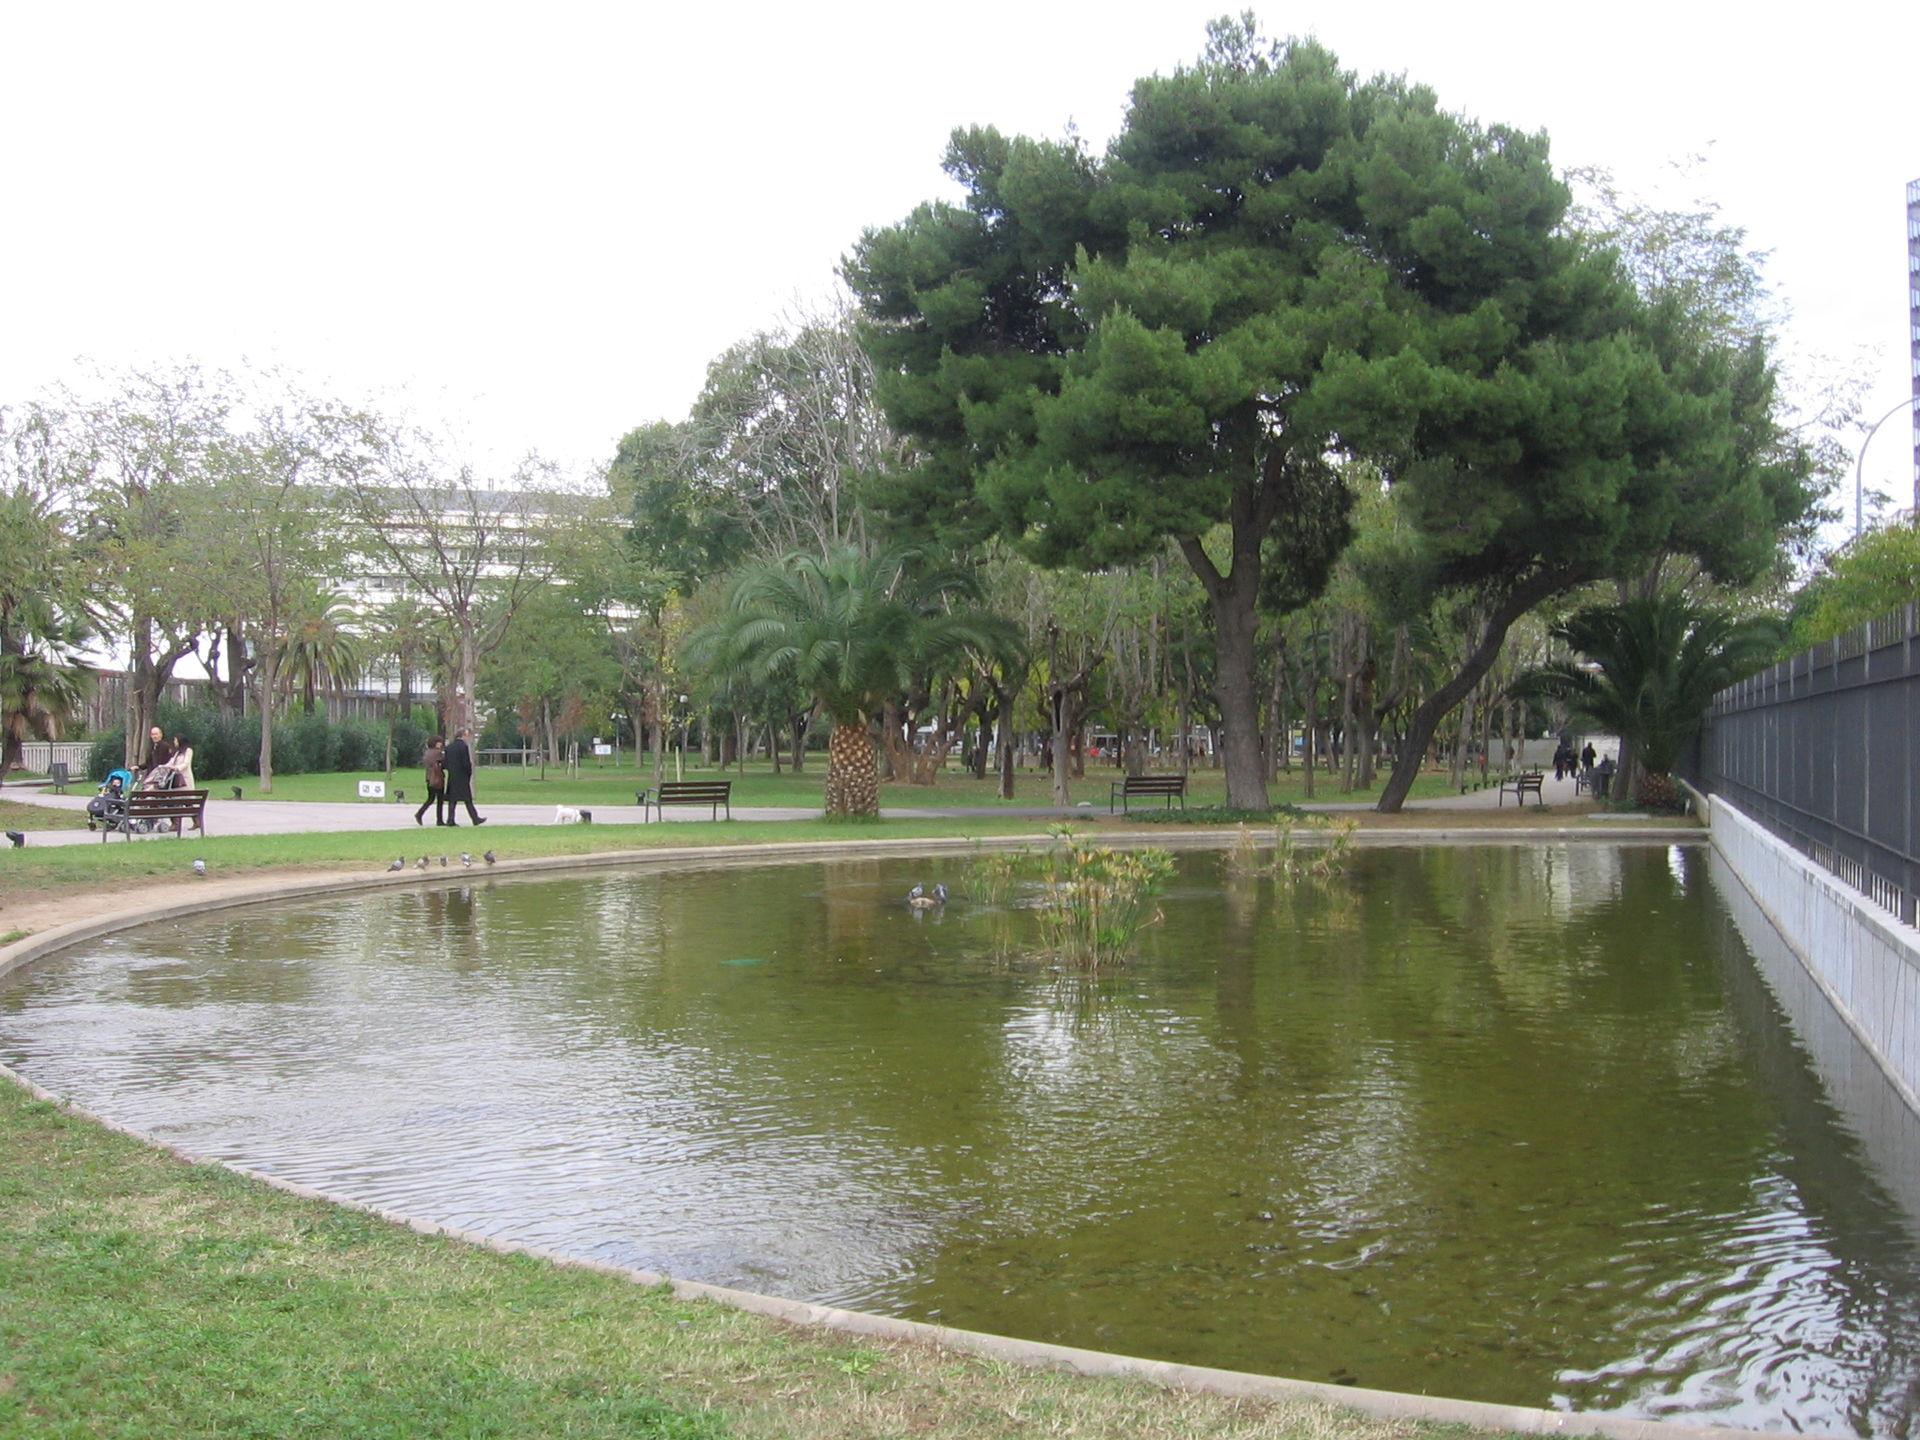 Jardines de piscinas y deportes wikipedia la - Piscinas y jardines ...